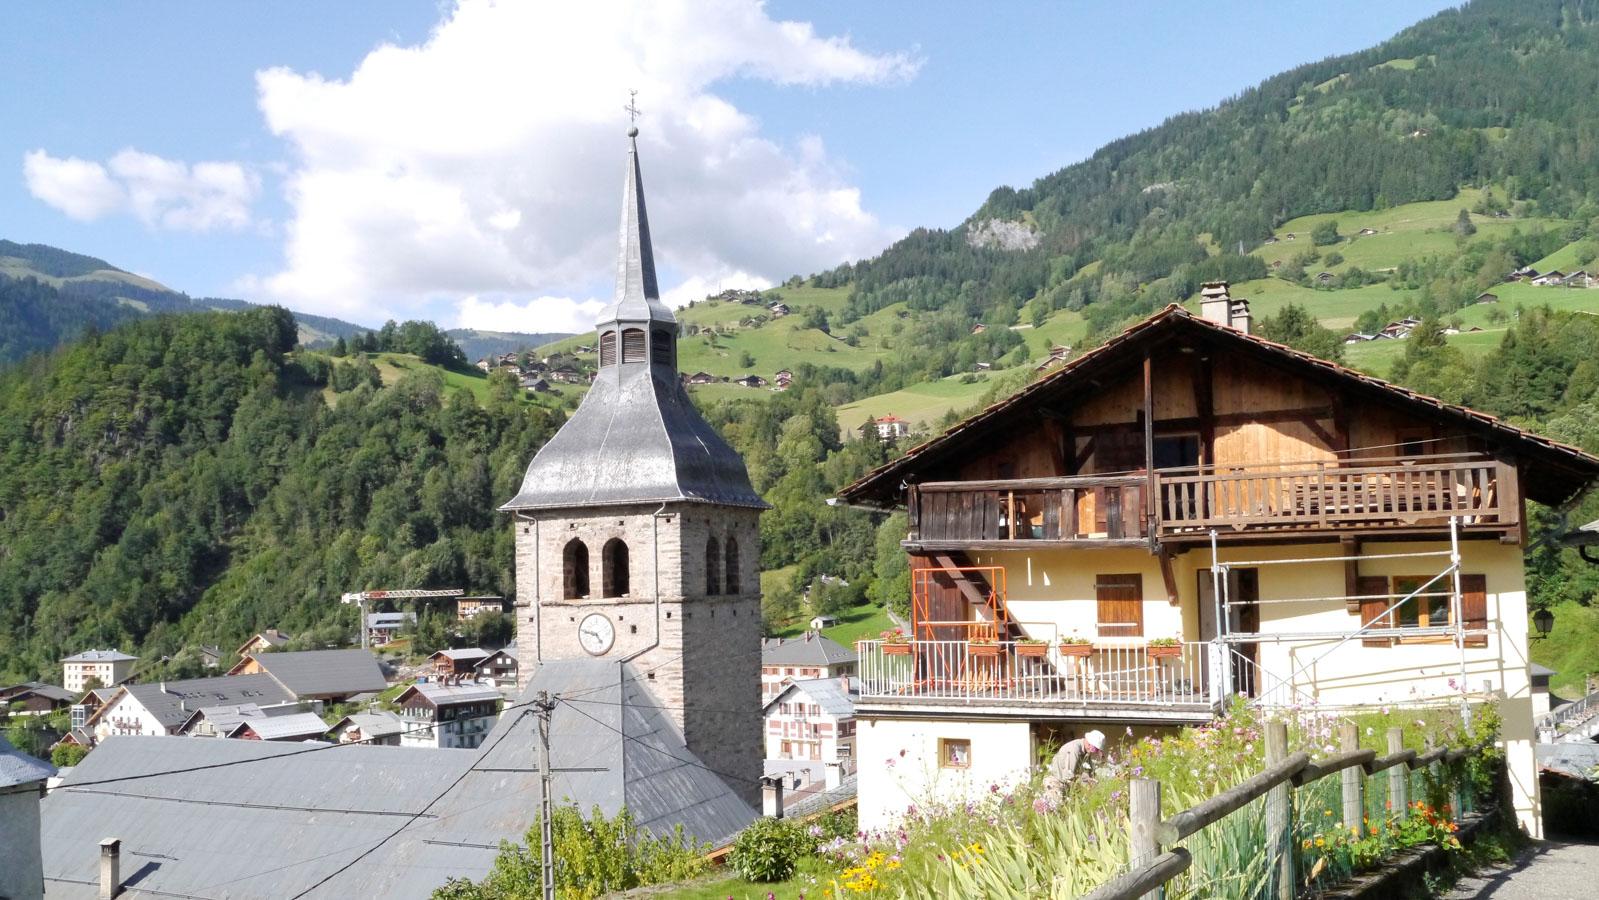 Découvrir la Savoie en road trip cet été